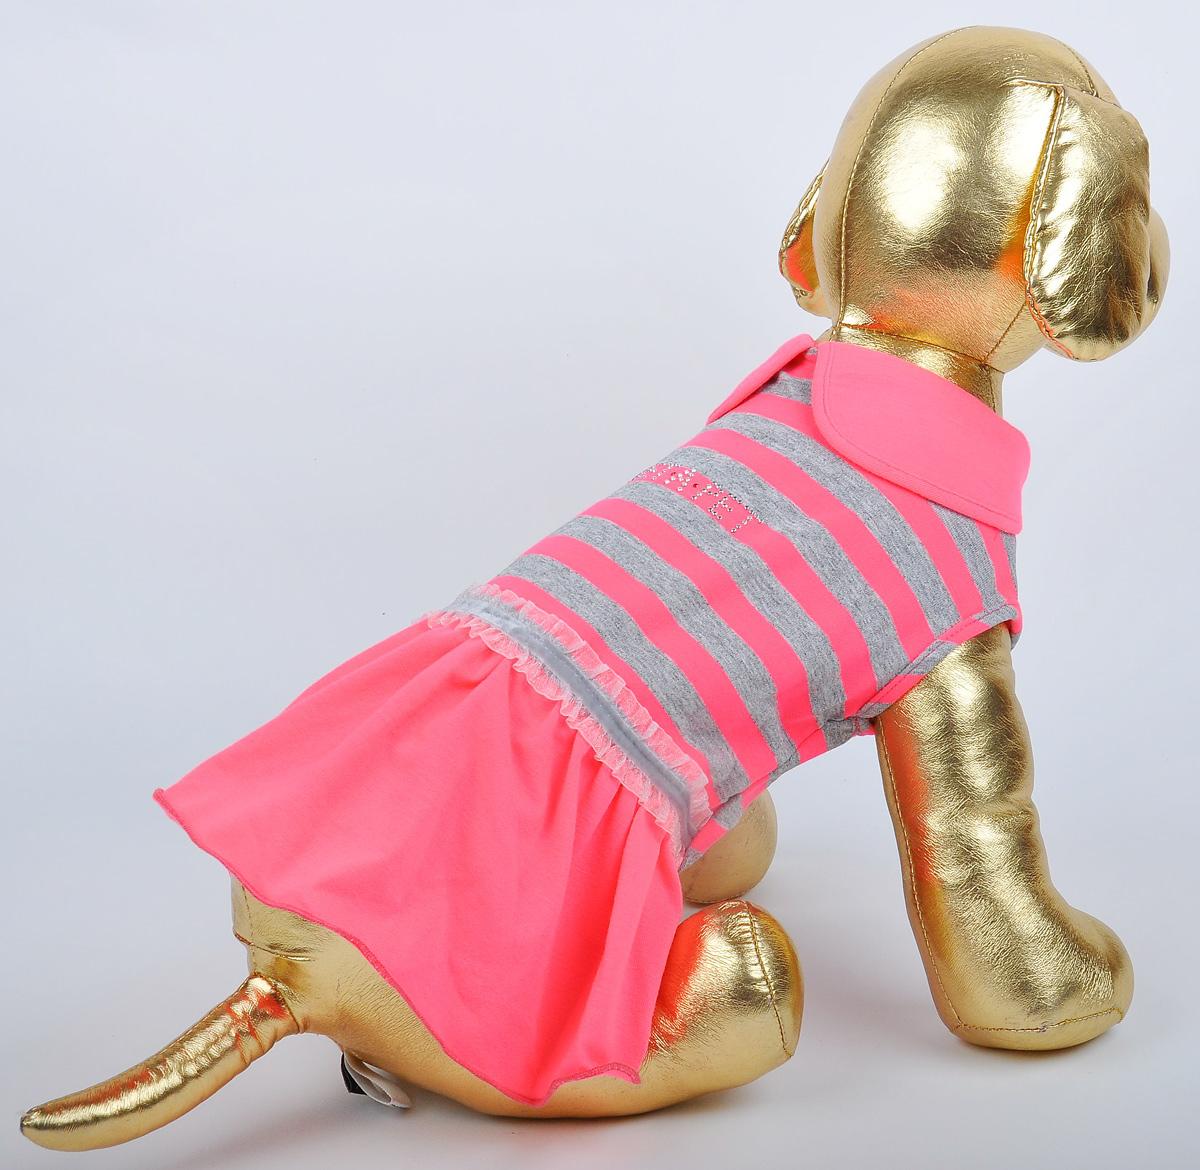 Платье для собак GLG Фэшн Ультра. Размер MDM-160329_бежевыйПлатье для собак GLG Фэшн Ультра выполнено из вискозы. Рукава не ограничивают свободу движений, и собачка будет чувствовать себя в нем комфортно. Изделие застегивается с помощью кнопок..Модное и невероятно удобное платье защитит вашего питомца от пыли и насекомых на улице, согреет дома или на даче. Длина спины: 27-29 см Обхват груди: 37-39 см.